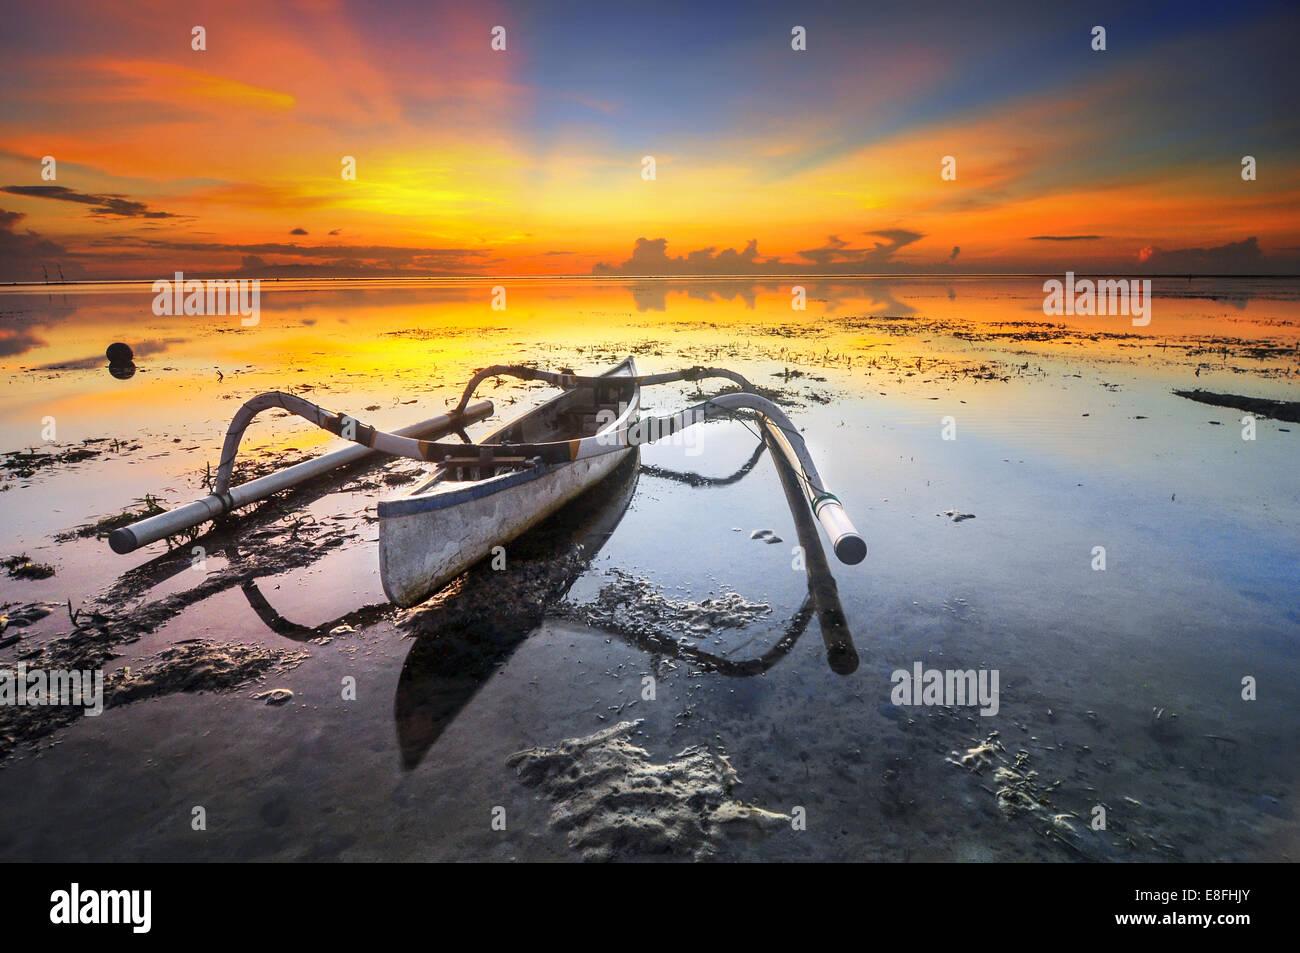 L'INDONÉSIE, Bali, voile sur les pendant le coucher du soleil Photo Stock